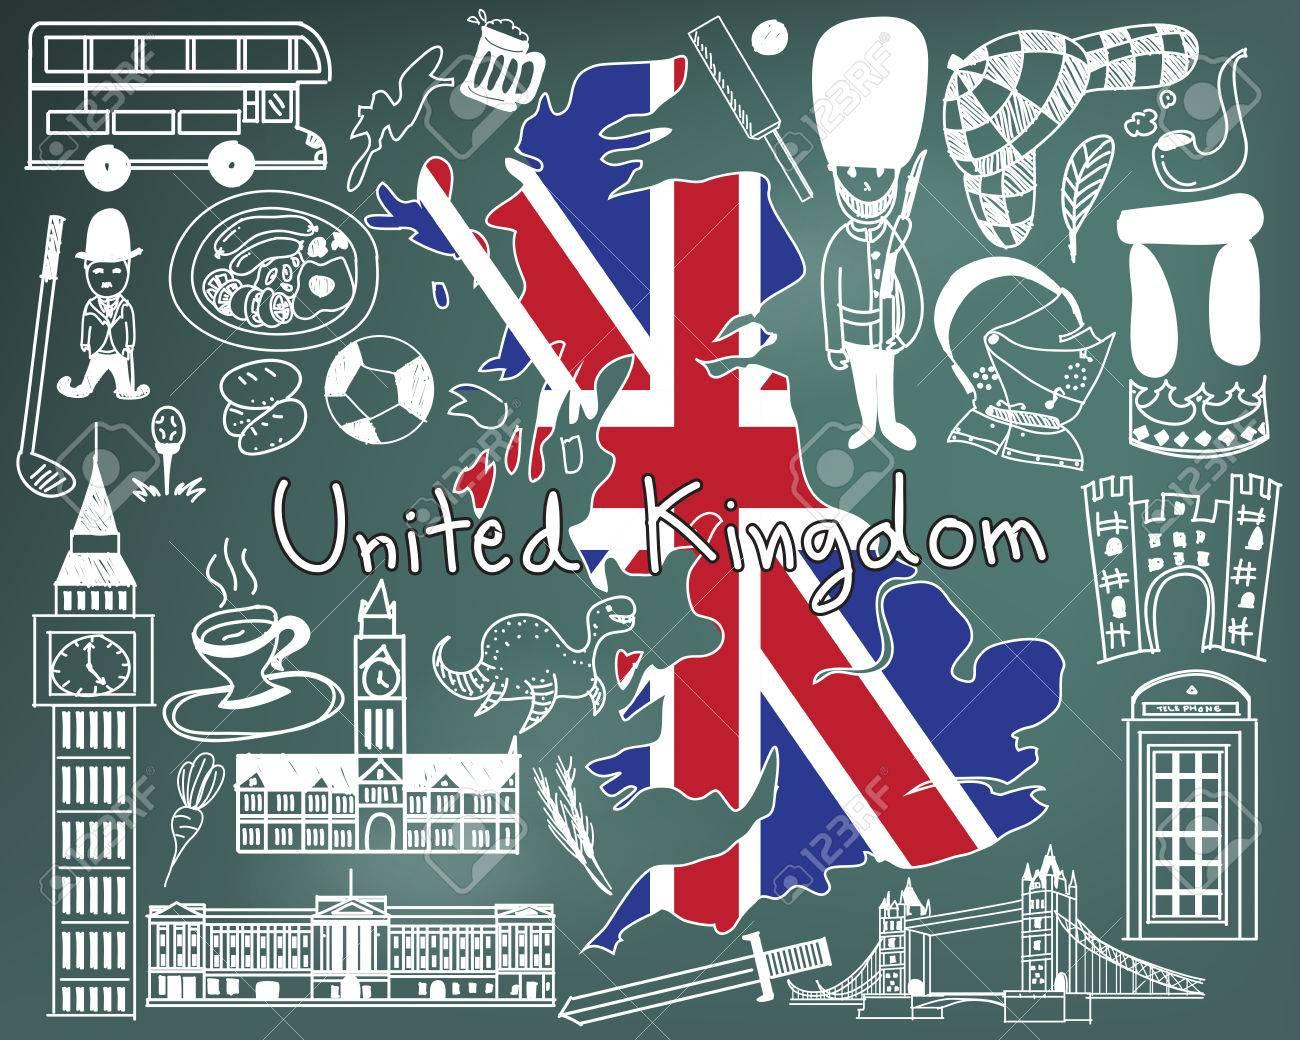 Voyage Au Royaume-Uni Angleterre Et L'ecosse Icône De Dessin Du Doodle Avec  La Culture, Le Costume, Le Point De Repère Et La Cuisine Concept concernant Dessin De Angleterre